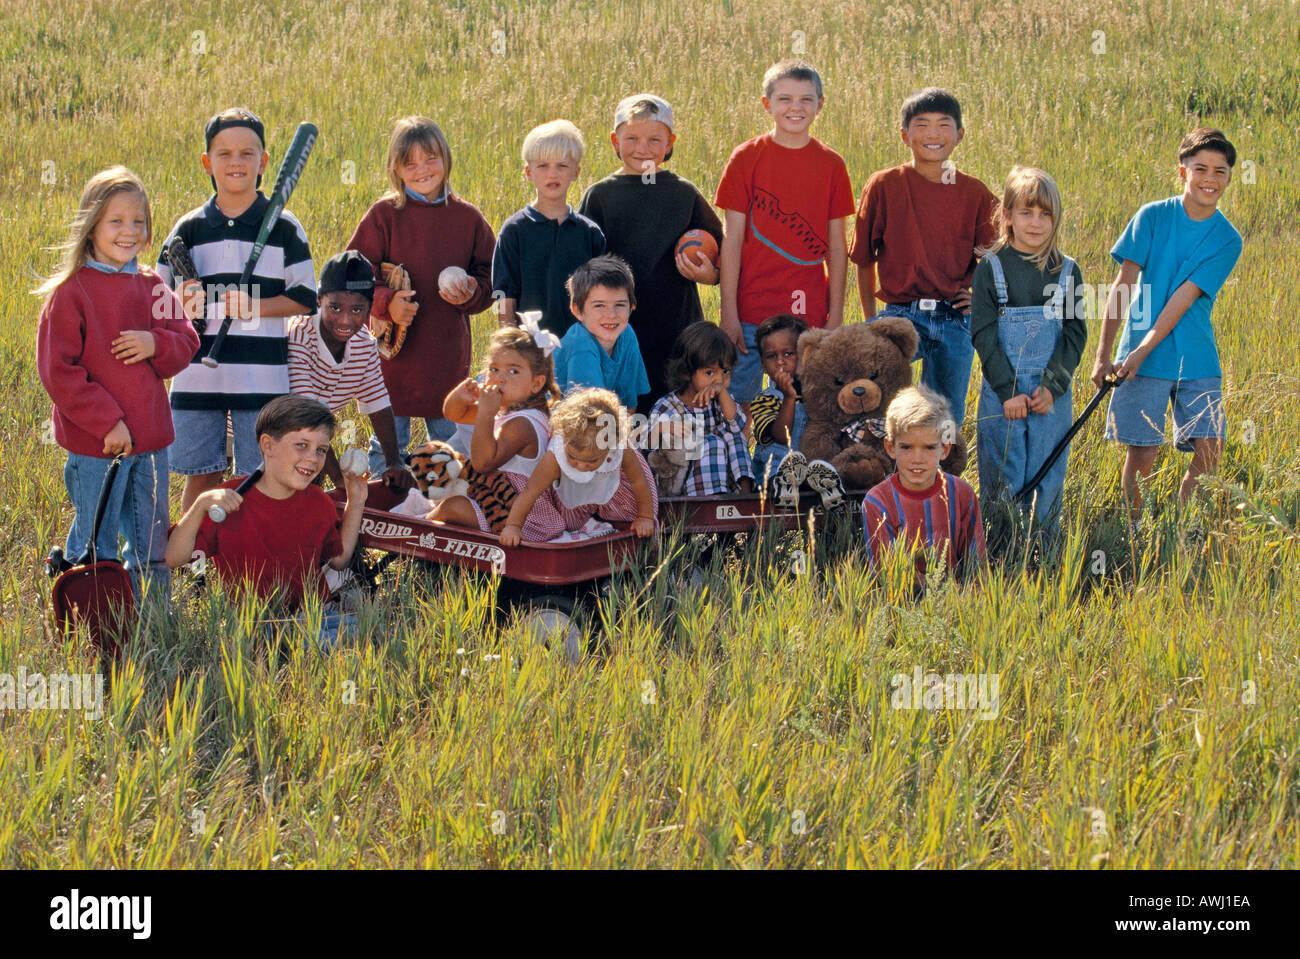 Eine Gruppe von multiethnischen Kinder mit Spielzeug und Wagen in einem Feld Gras Stockbild